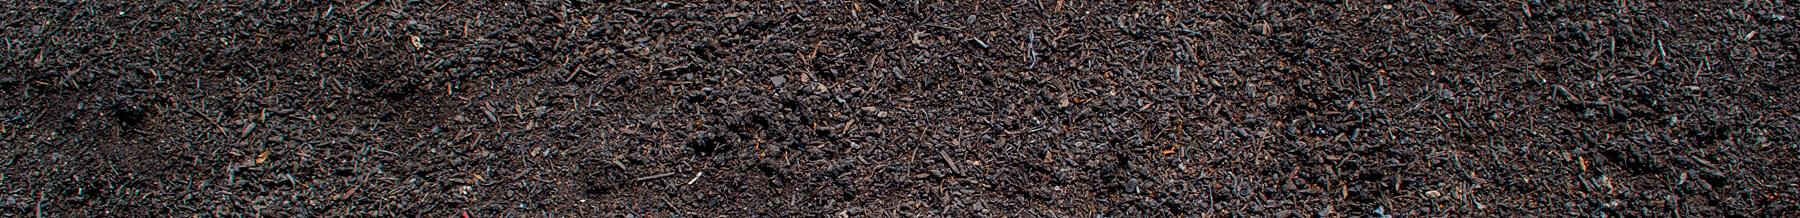 close up wide shot of leaf mold compost